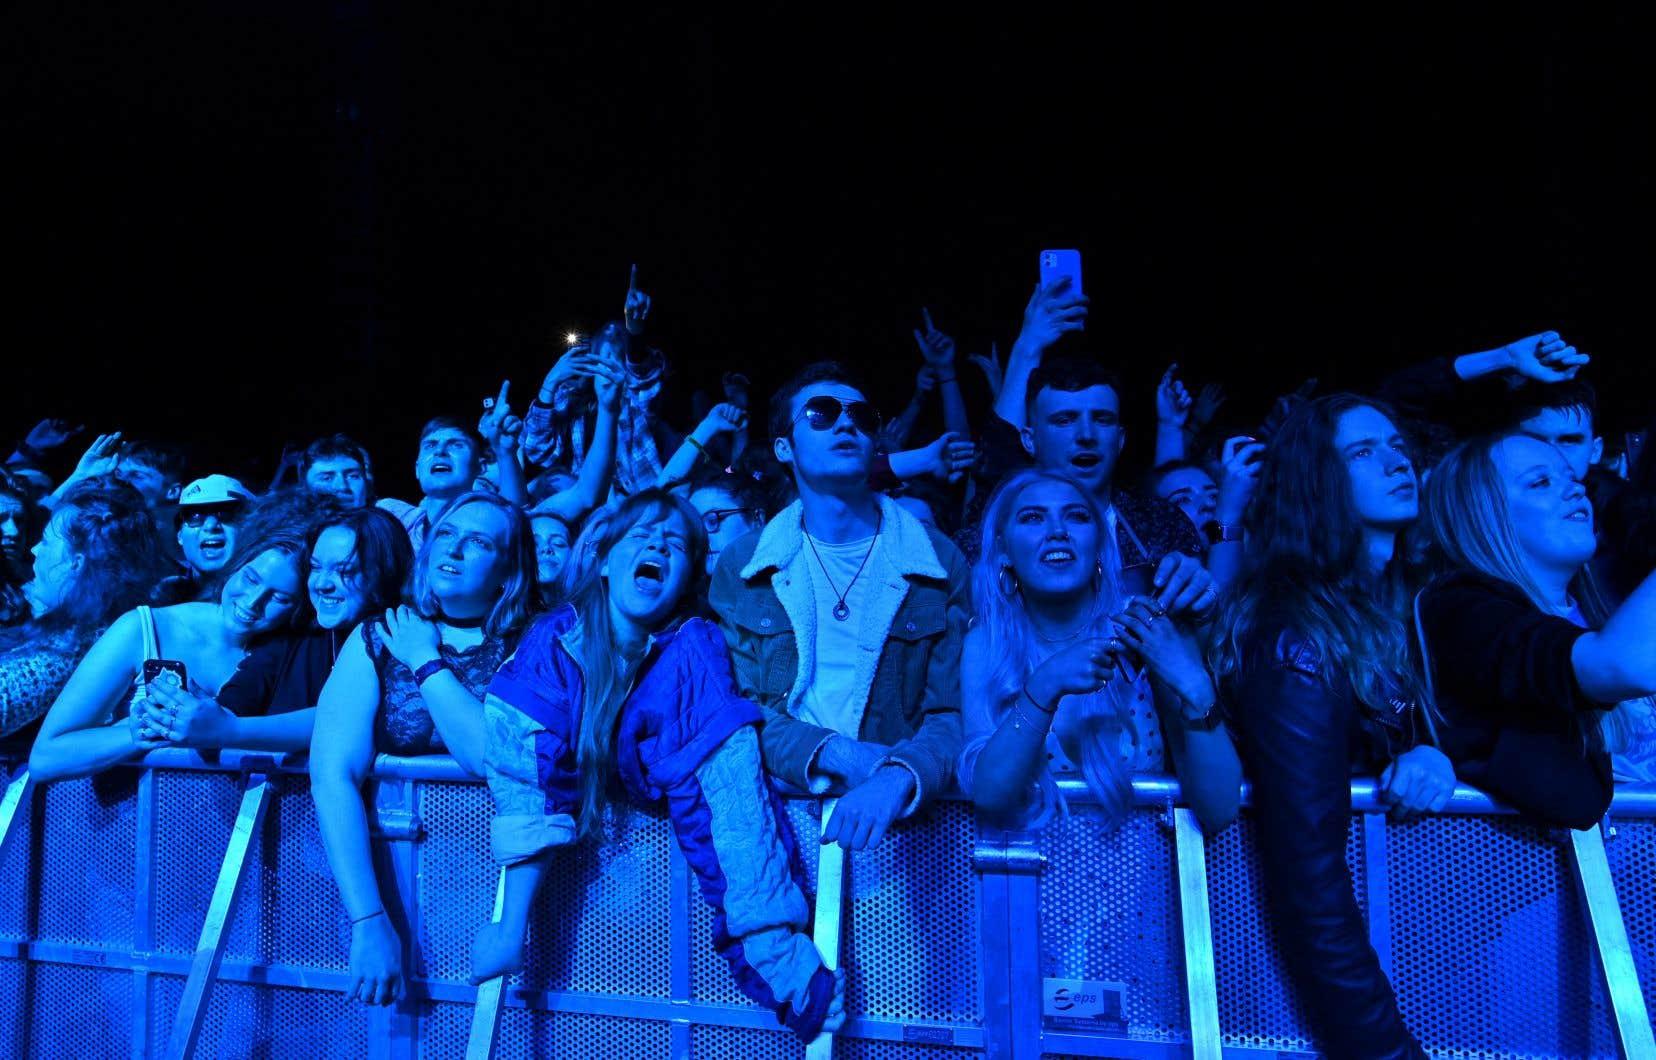 Une foule de 5000 personnes a pu chanter et danser sans masques ni distanciation lors d'un festival de musique organisé dans le nord de l'Angleterre dimanche.